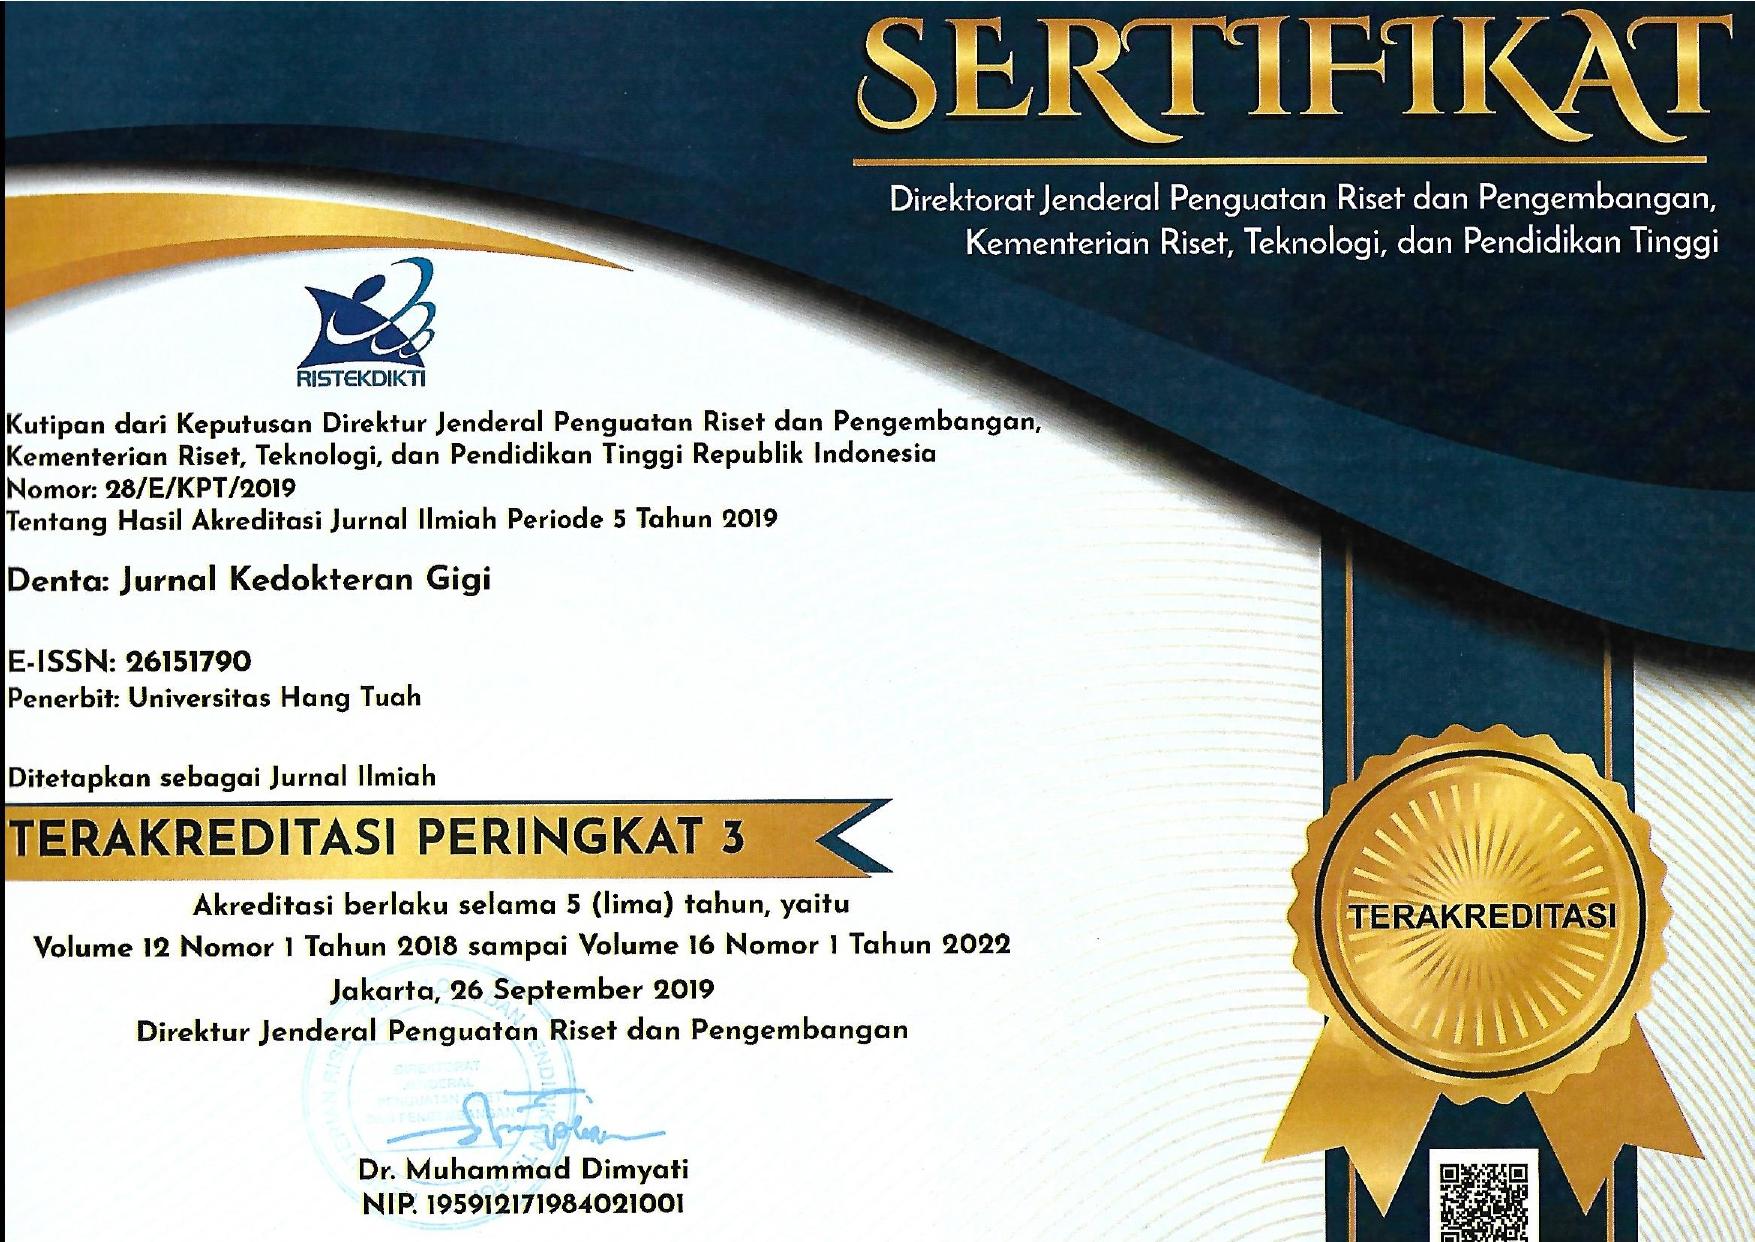 Sertifikat-Akreditasi-Denta-Jurnal-Kedokteran-Gigi-page-0001